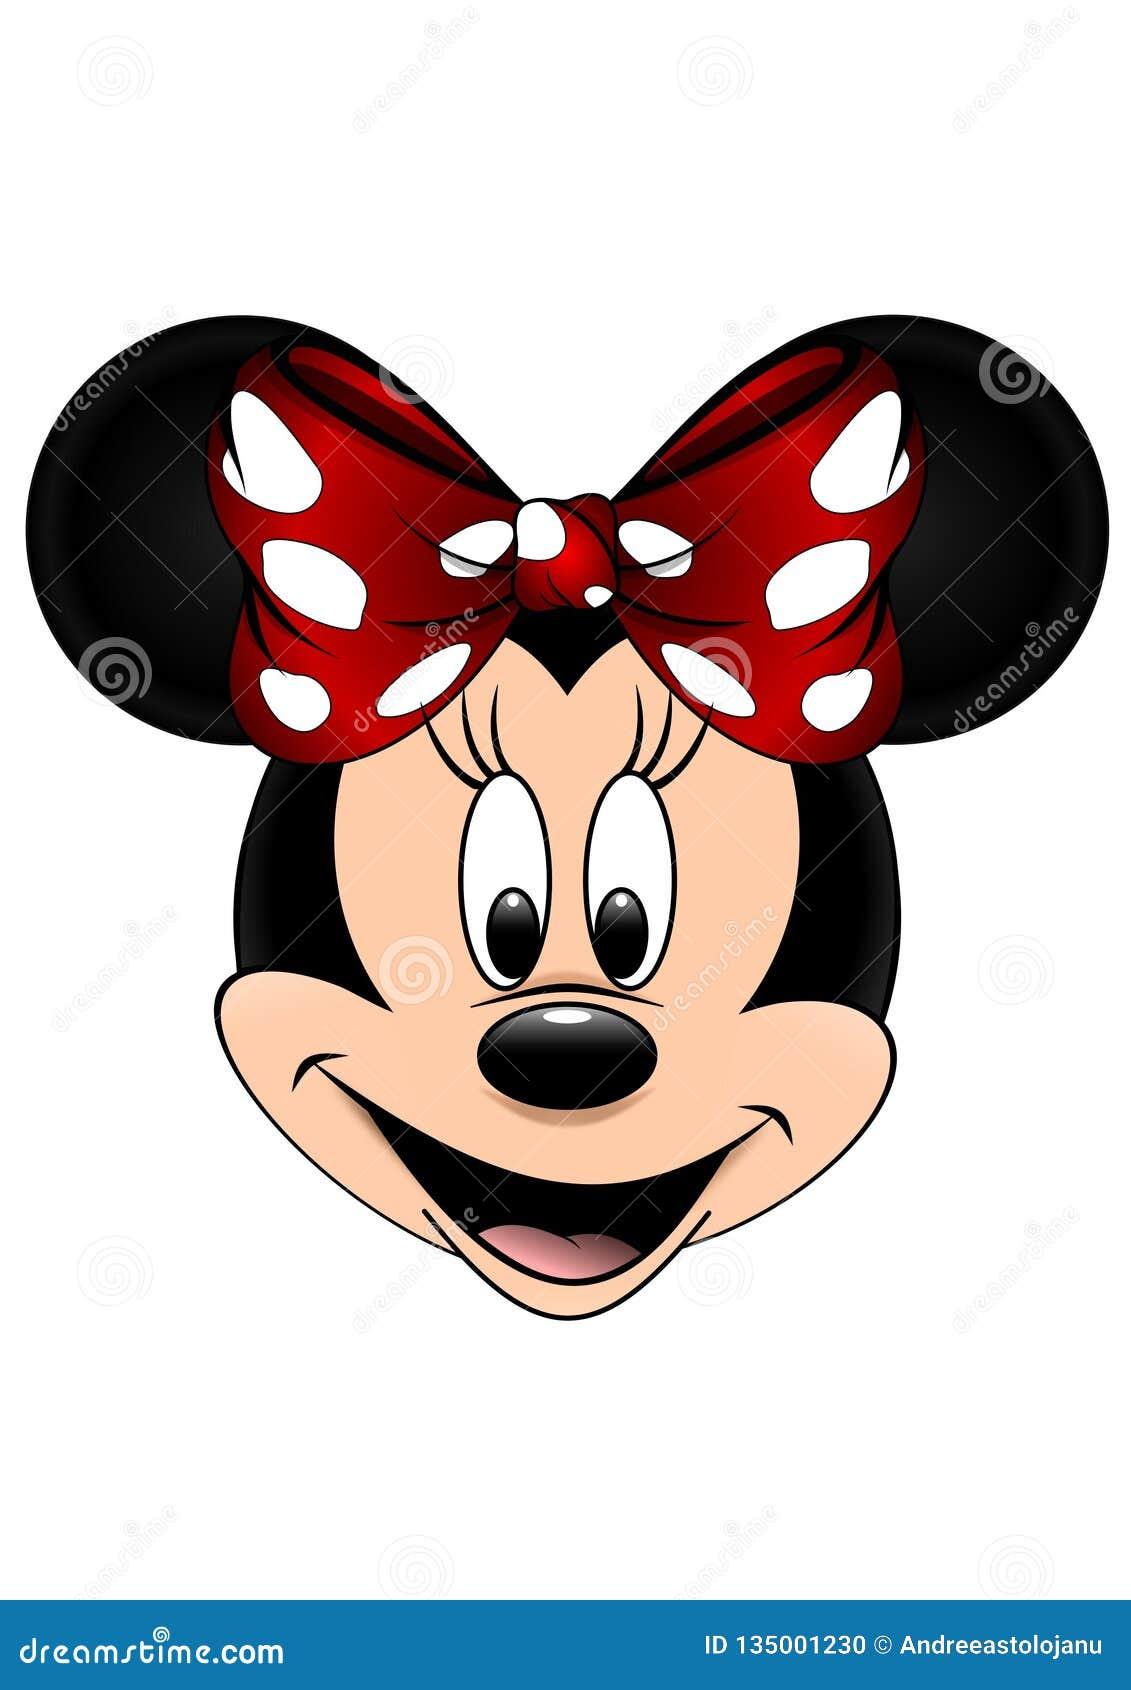 El ejemplo del vector de Disney de Minnie Mouse aisló en el fondo blanco